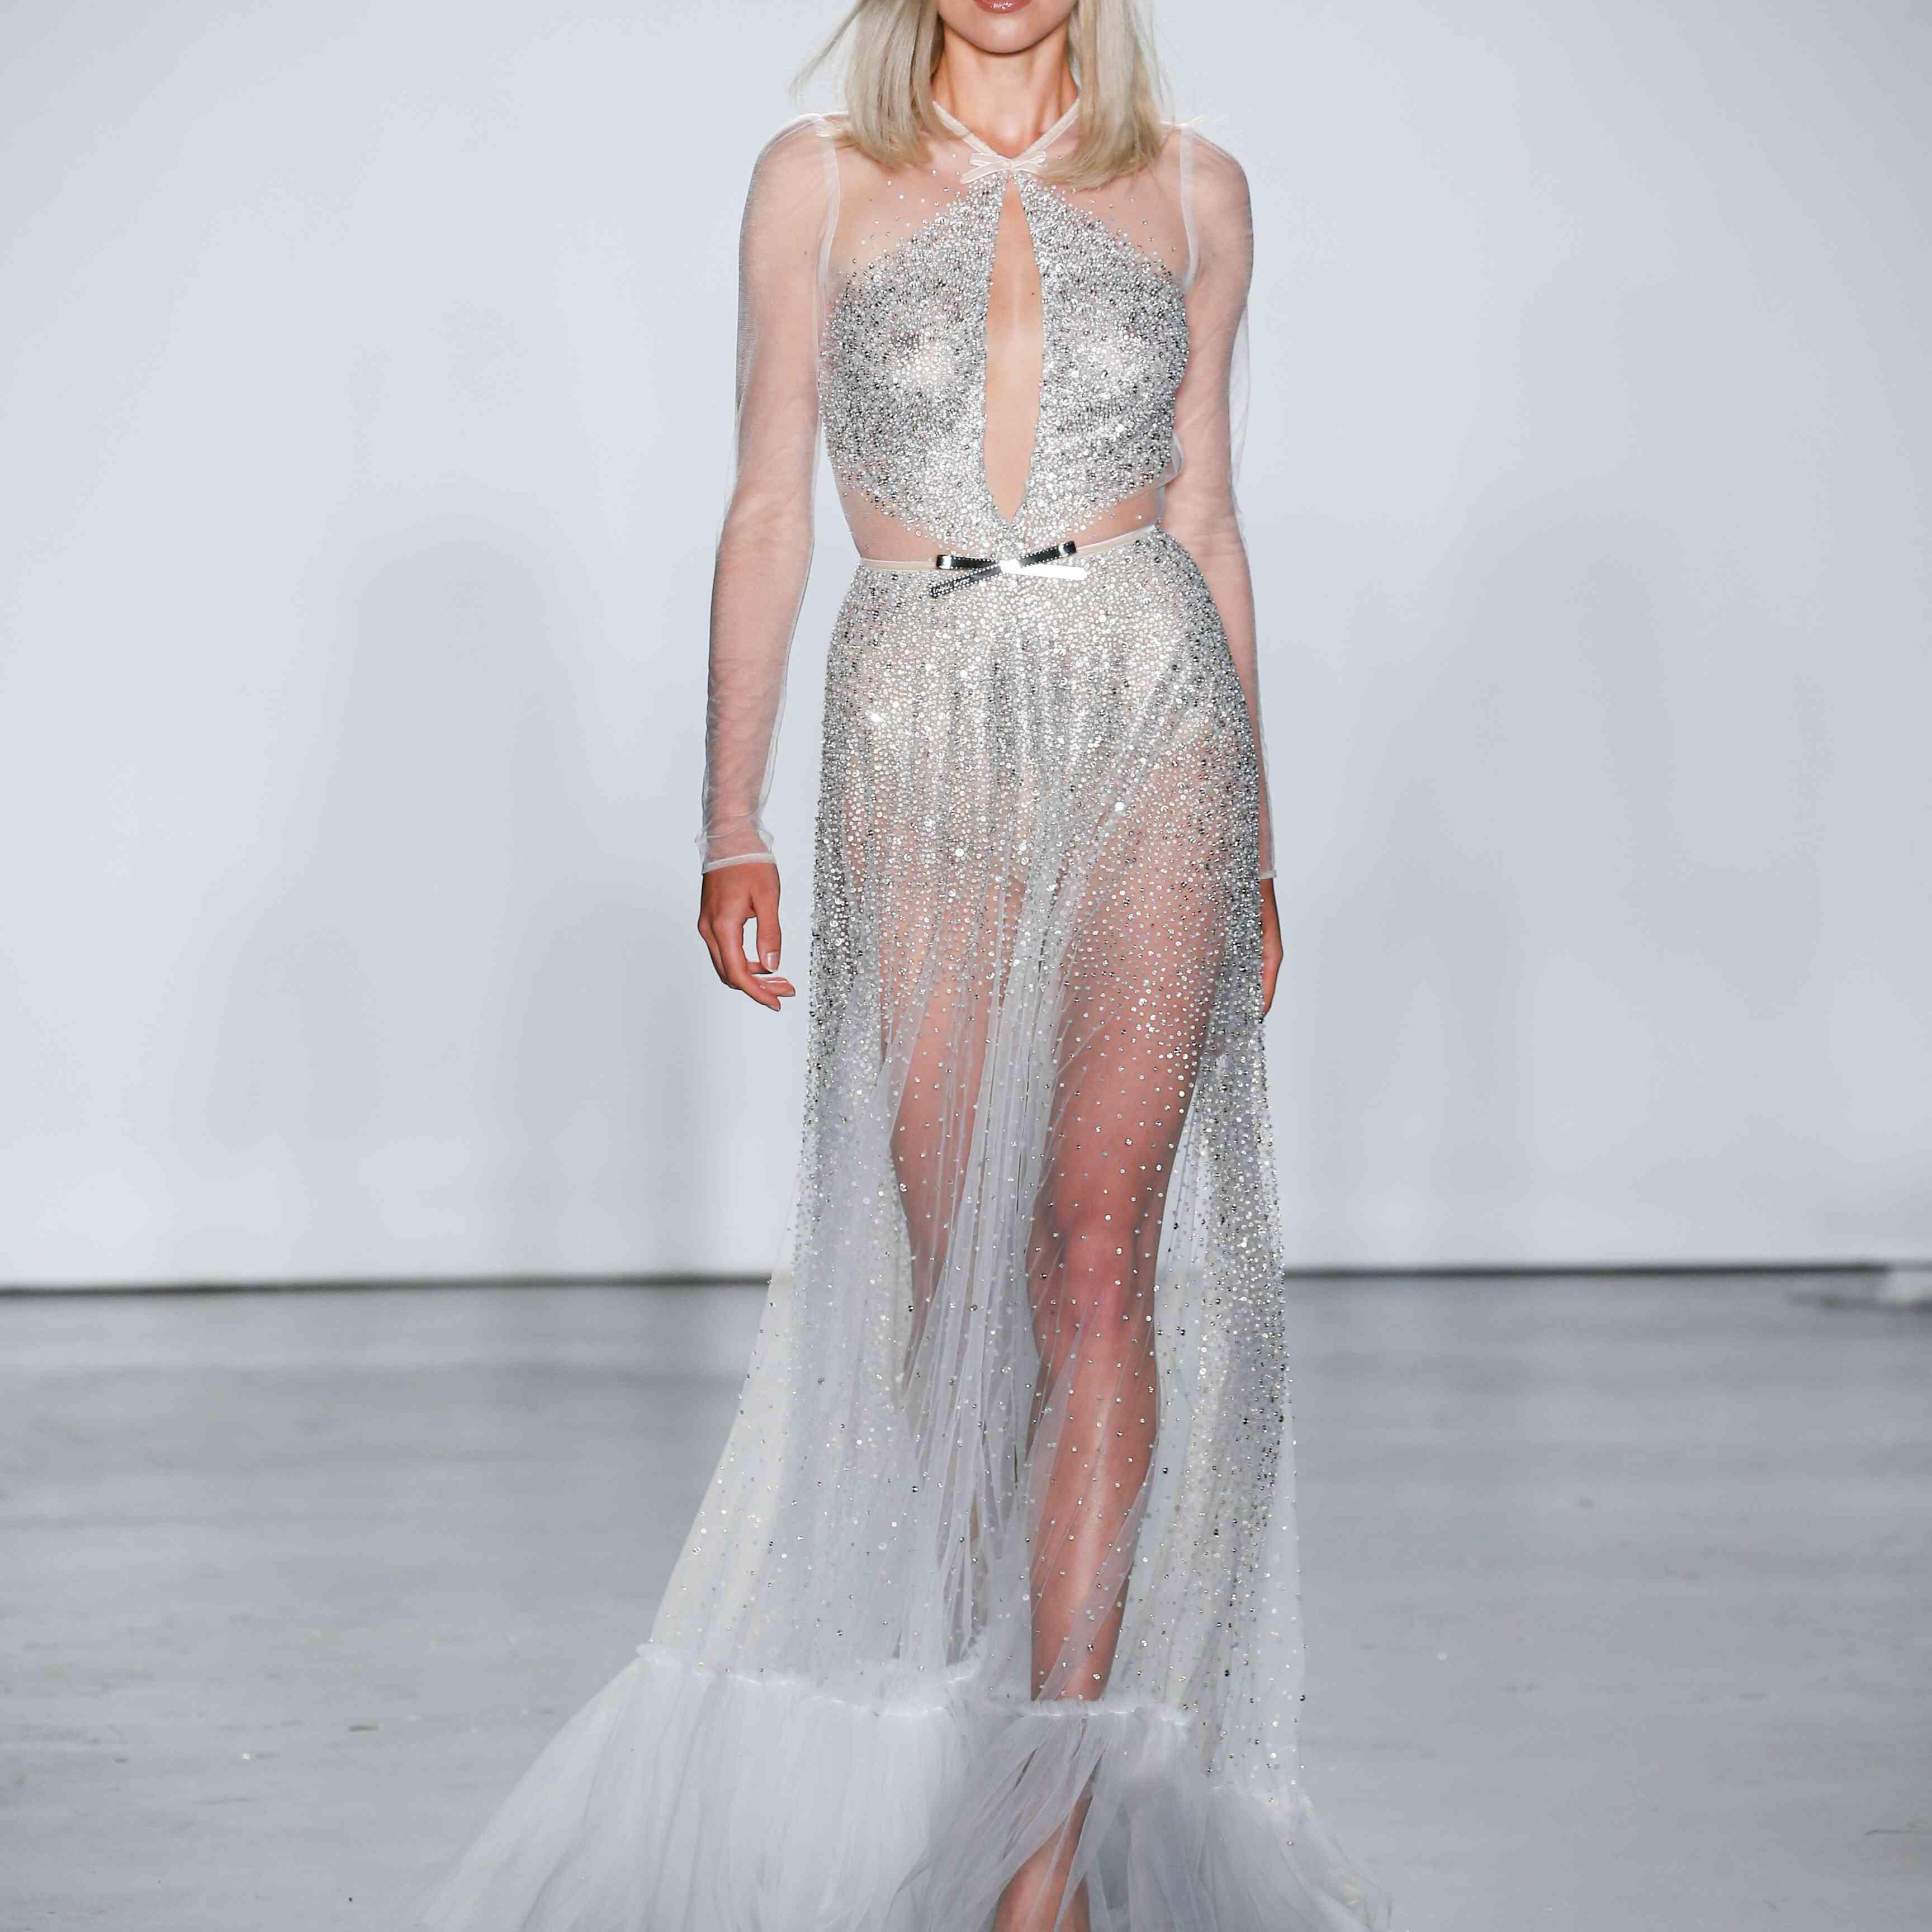 Model in silver keyhole front wedding dress